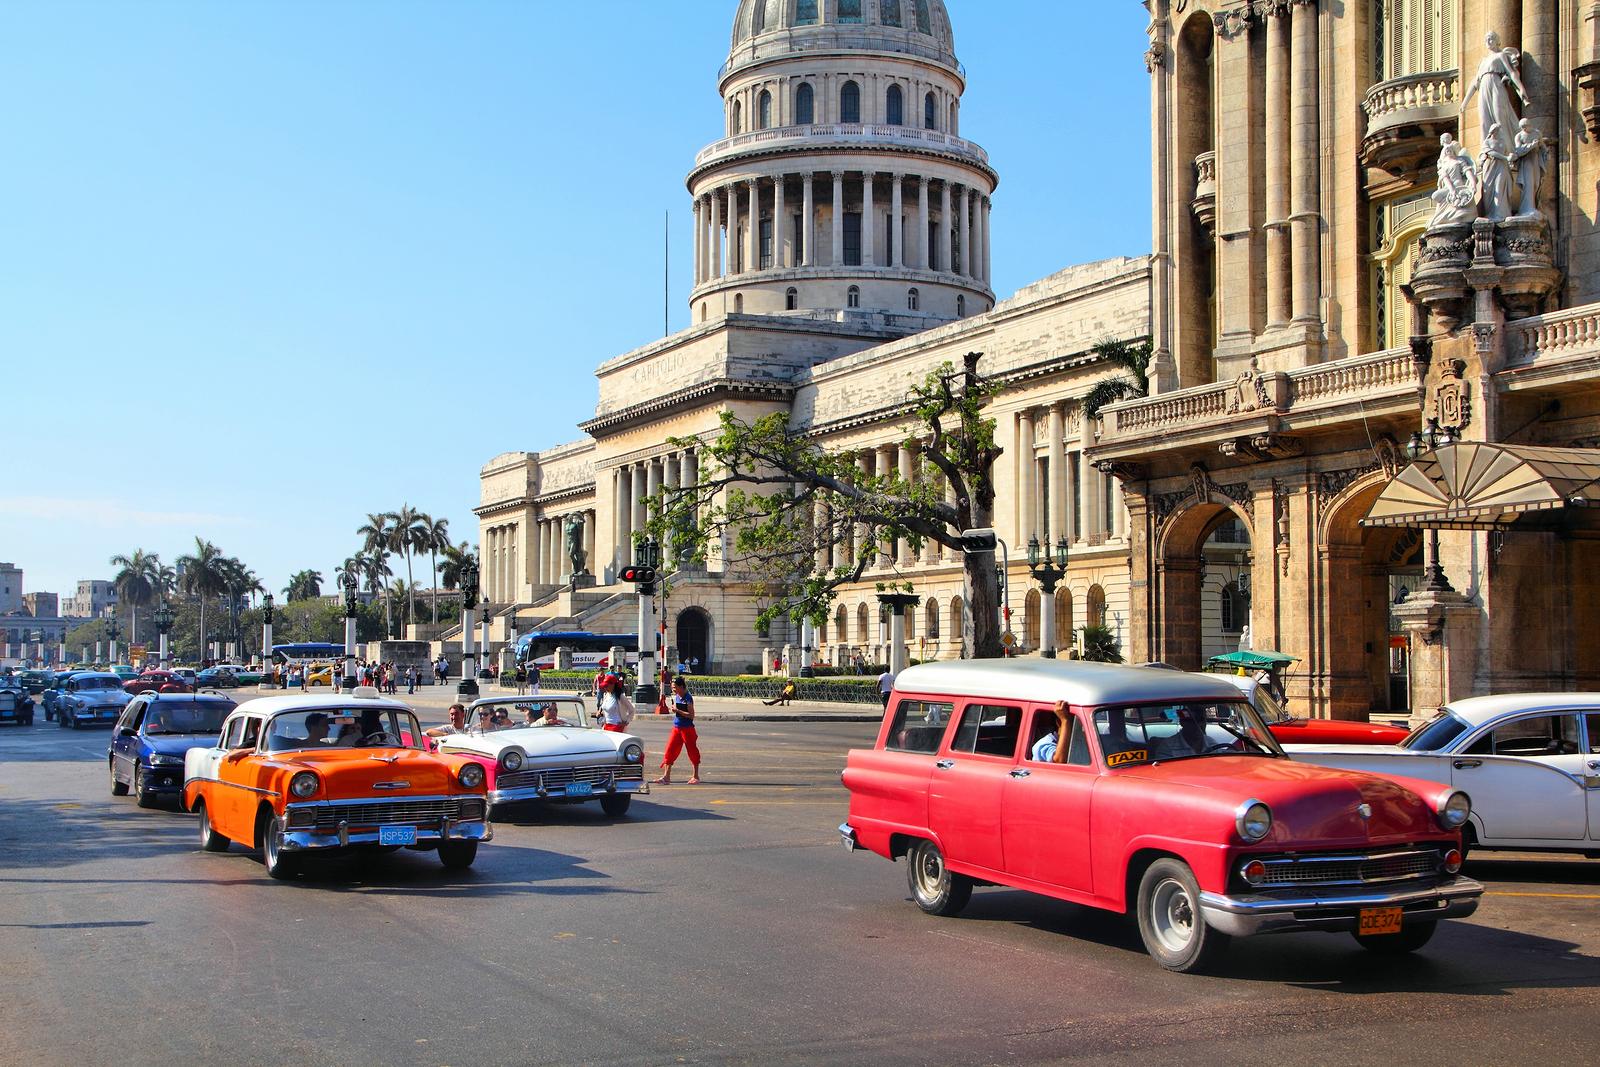 Cuba-bigstock-Cuba-Havana-45299791.jpg